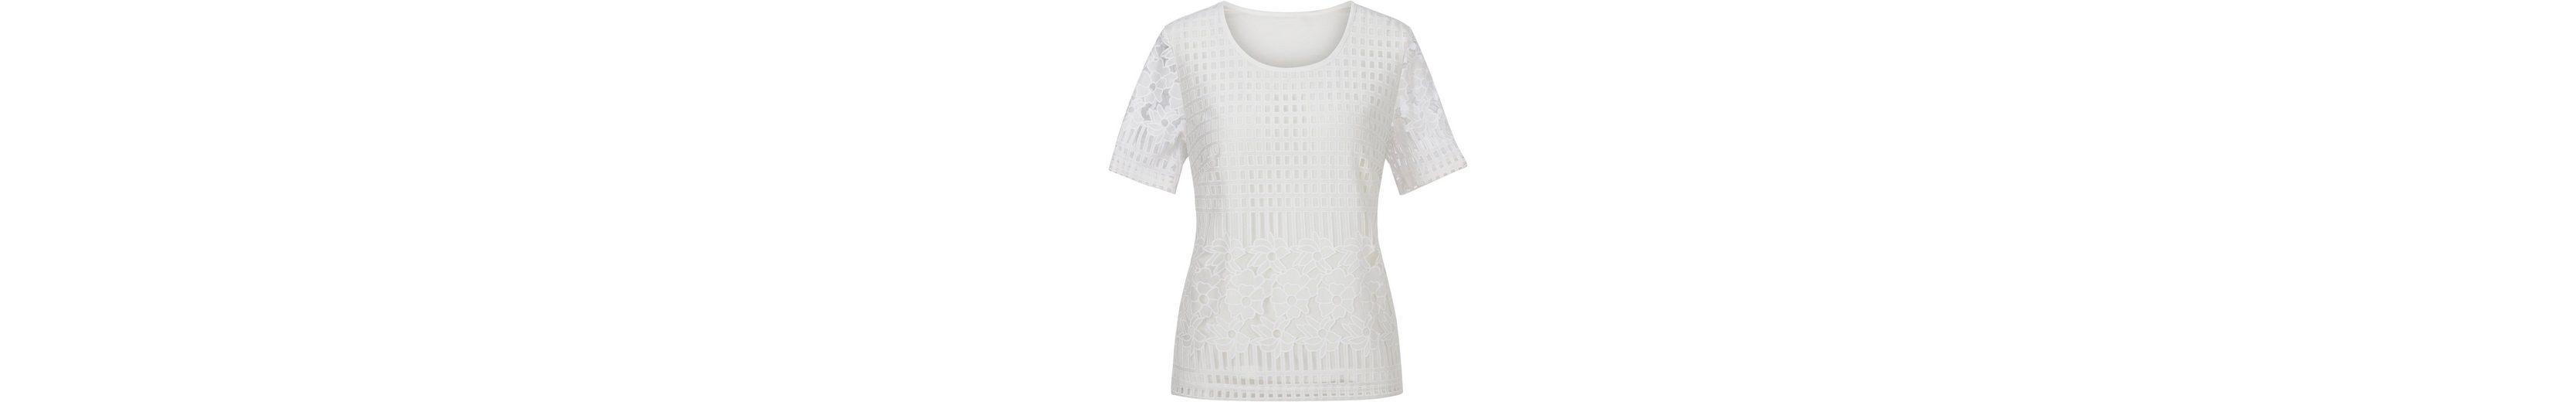 Lady Shirt mit verschiedenen Spitzen-Partien Gut Verkaufen Online Neue Ankunft Günstiger Preis Visa-Zahlung Verkauf Online 2018 Neuer Günstiger Preis BHoq5x